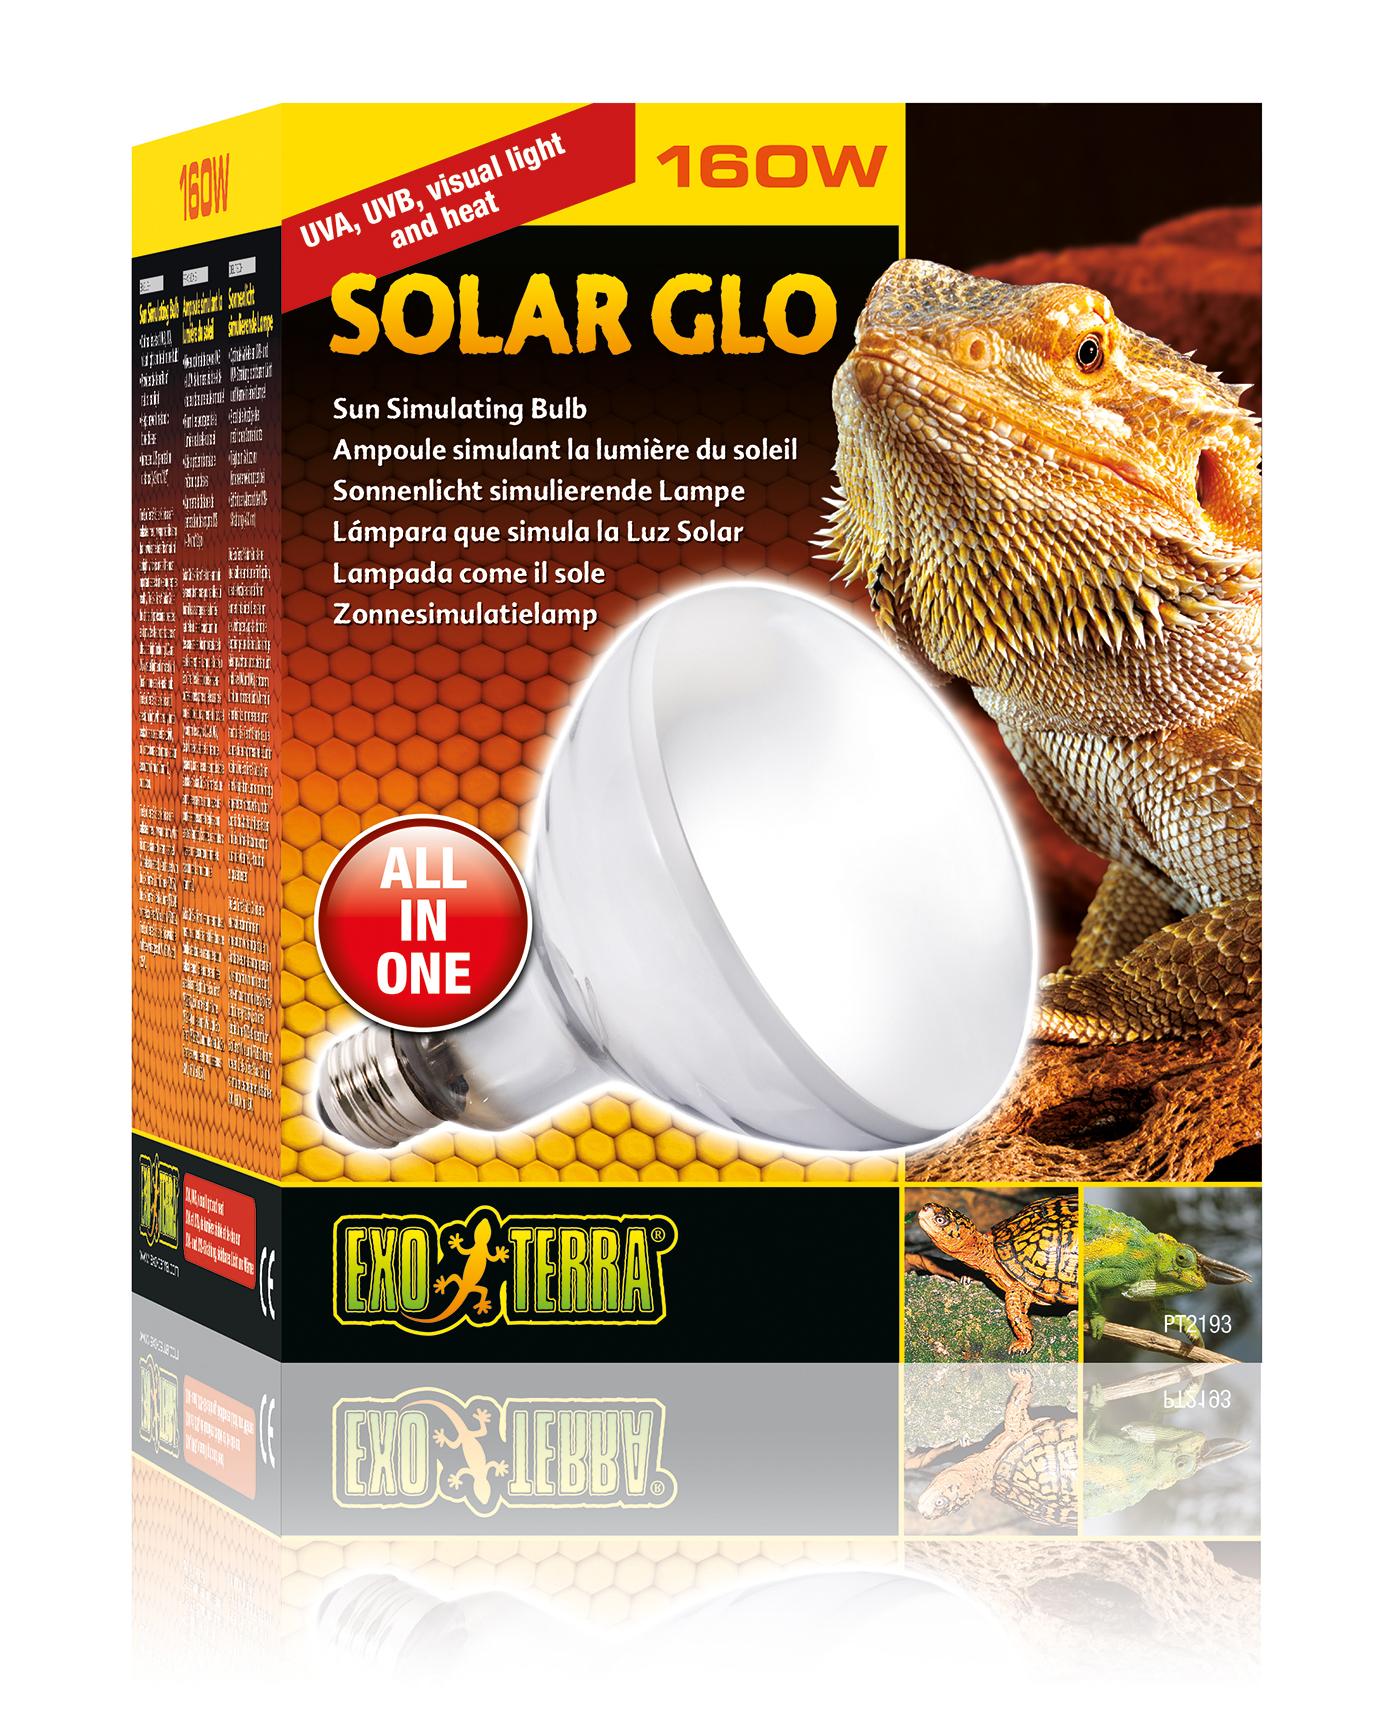 Exo Terra Solar Glo Heat Bulb Daylight Reptile Lighting Uvb Uva Lamp Light Ebay